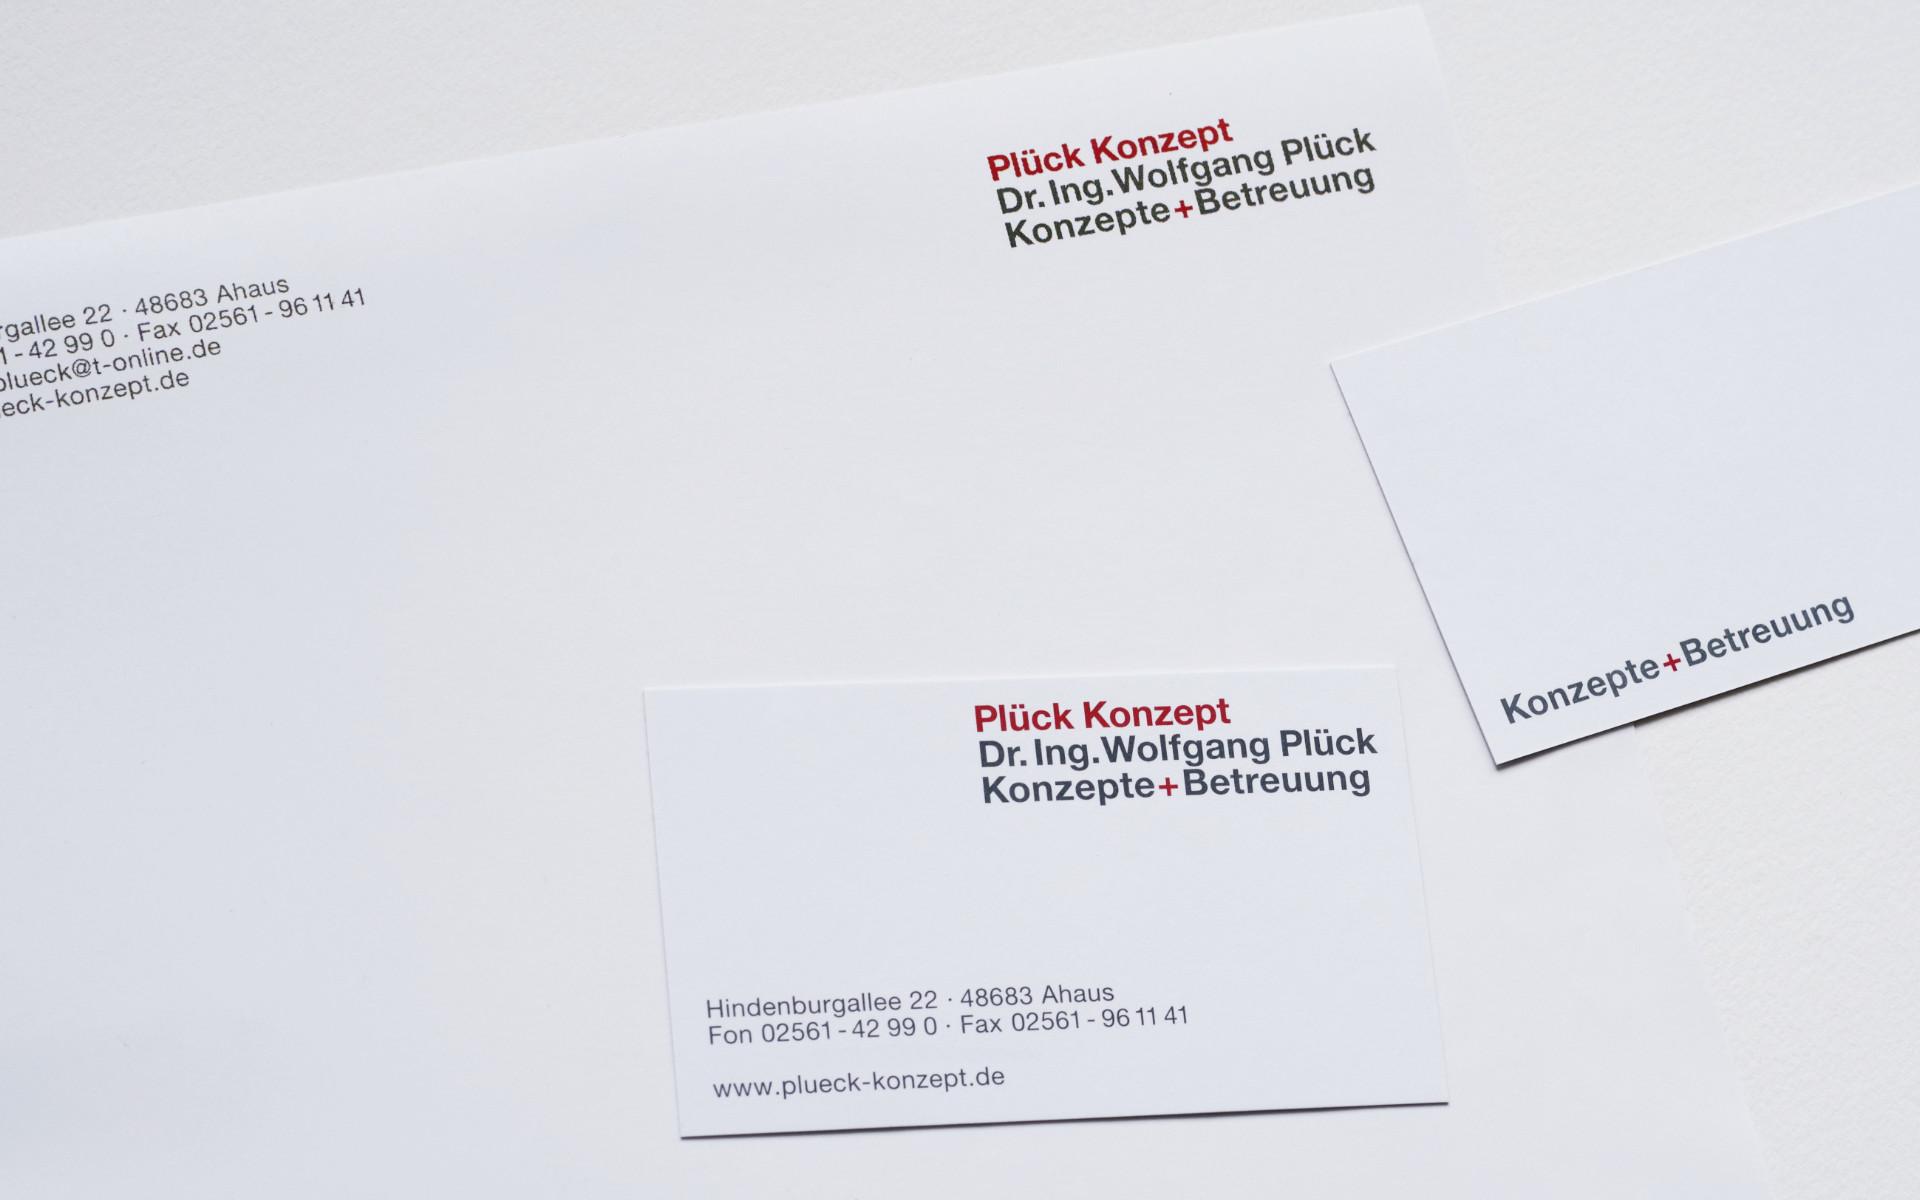 Plück Konzept Architektur Beratung Briefausstattung Signetentwicklung Berlin